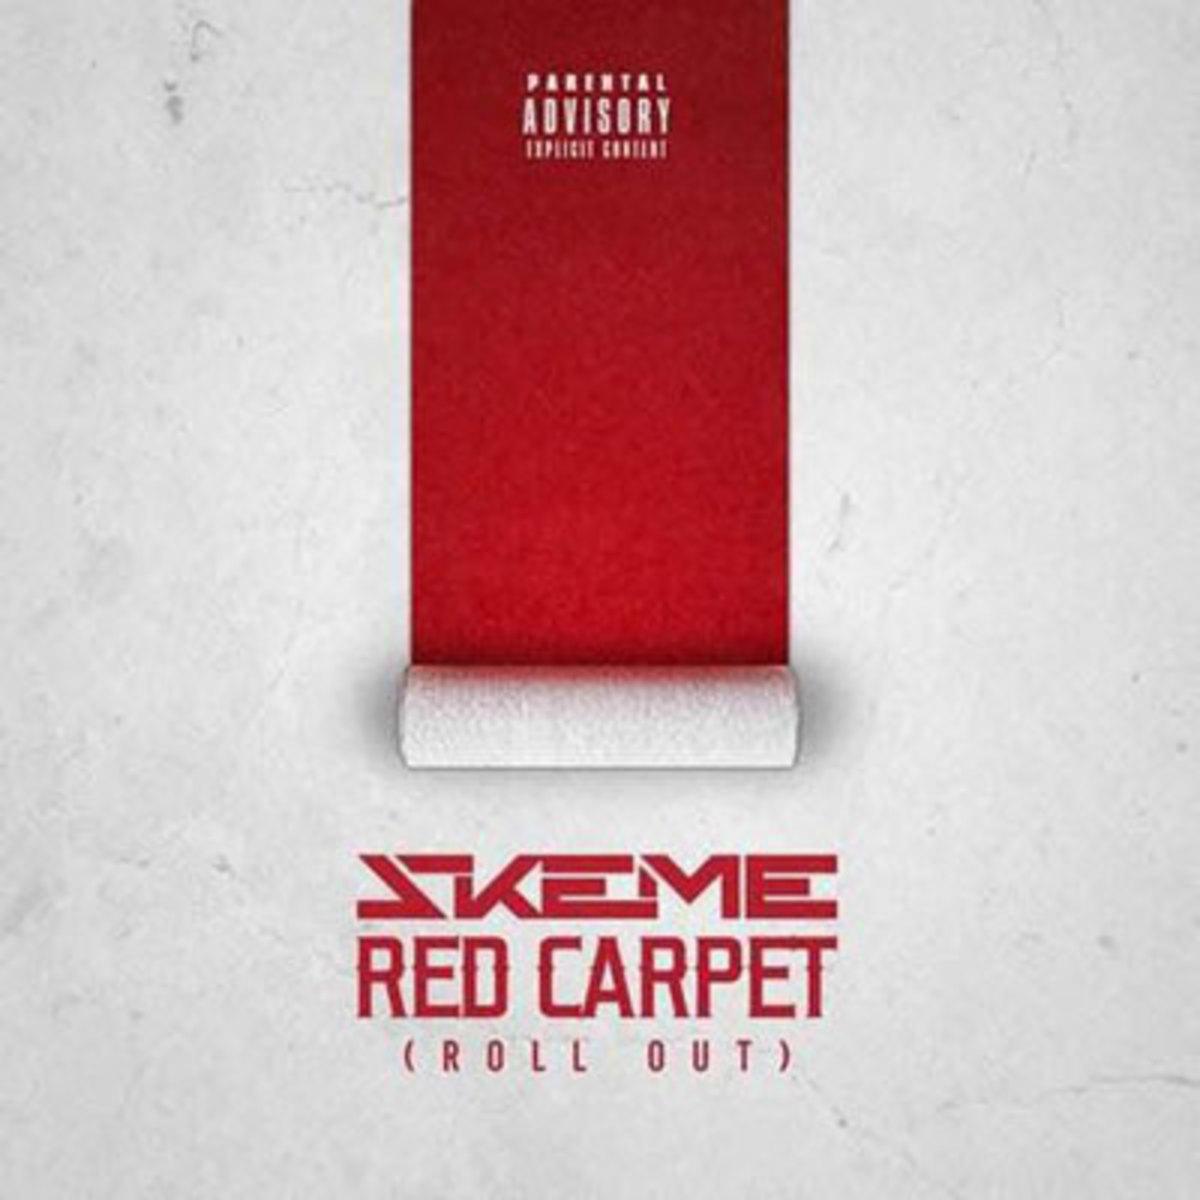 skeme-red-carpet-roll-out.jpg